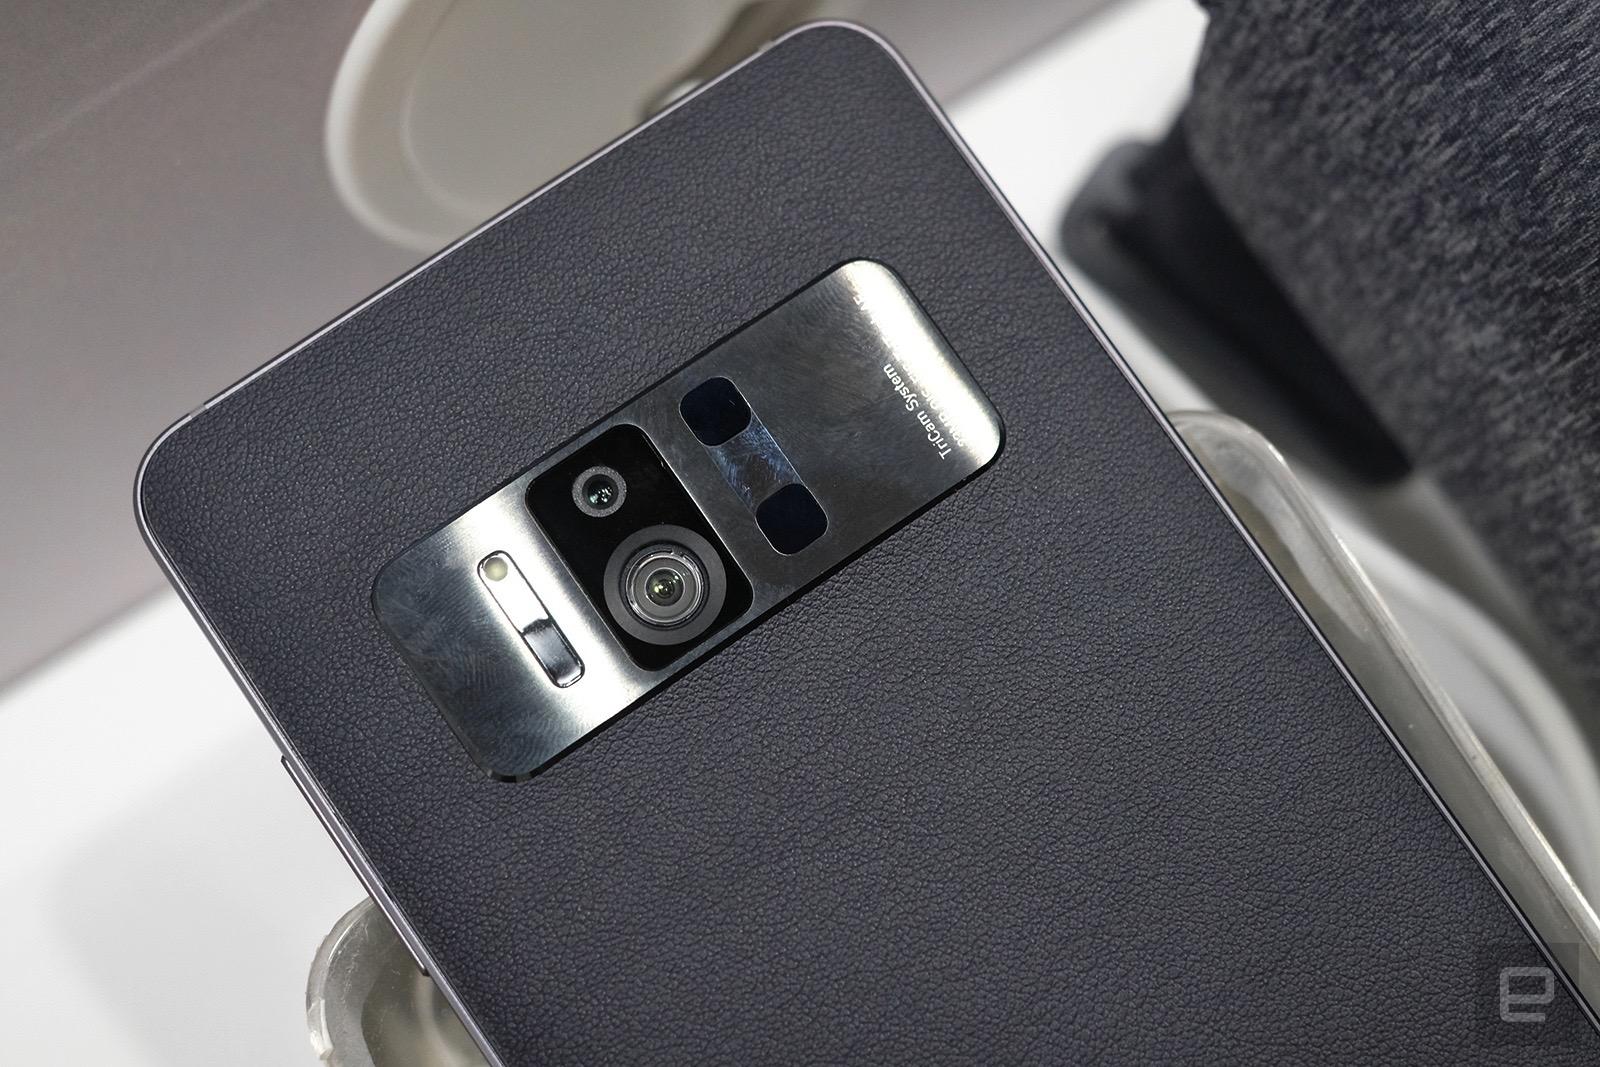 AR y VR en un mismo teléfono: así es el nuevo ASUS Zenfone AR de cerca